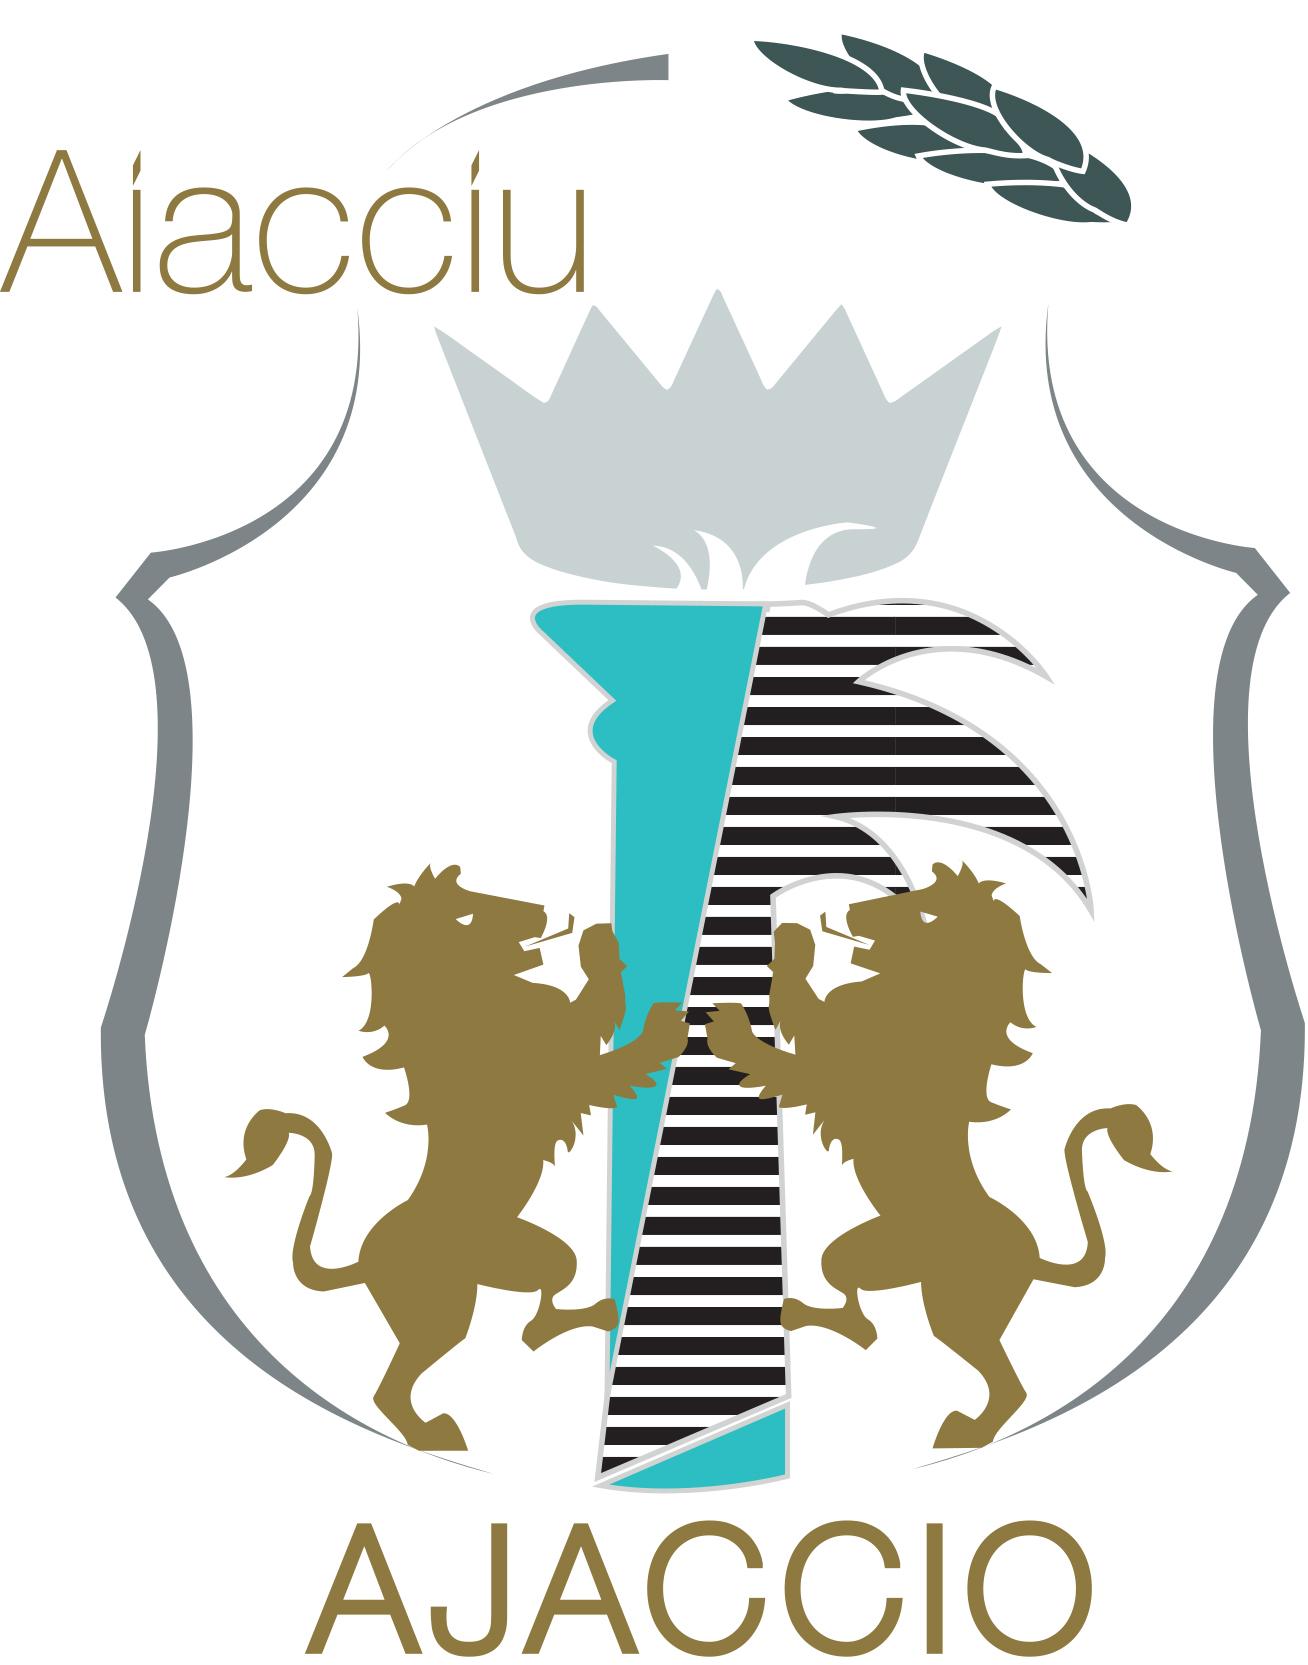 Essai des sirènes à Ajaccio mercredi 6 juillet à 12 heures